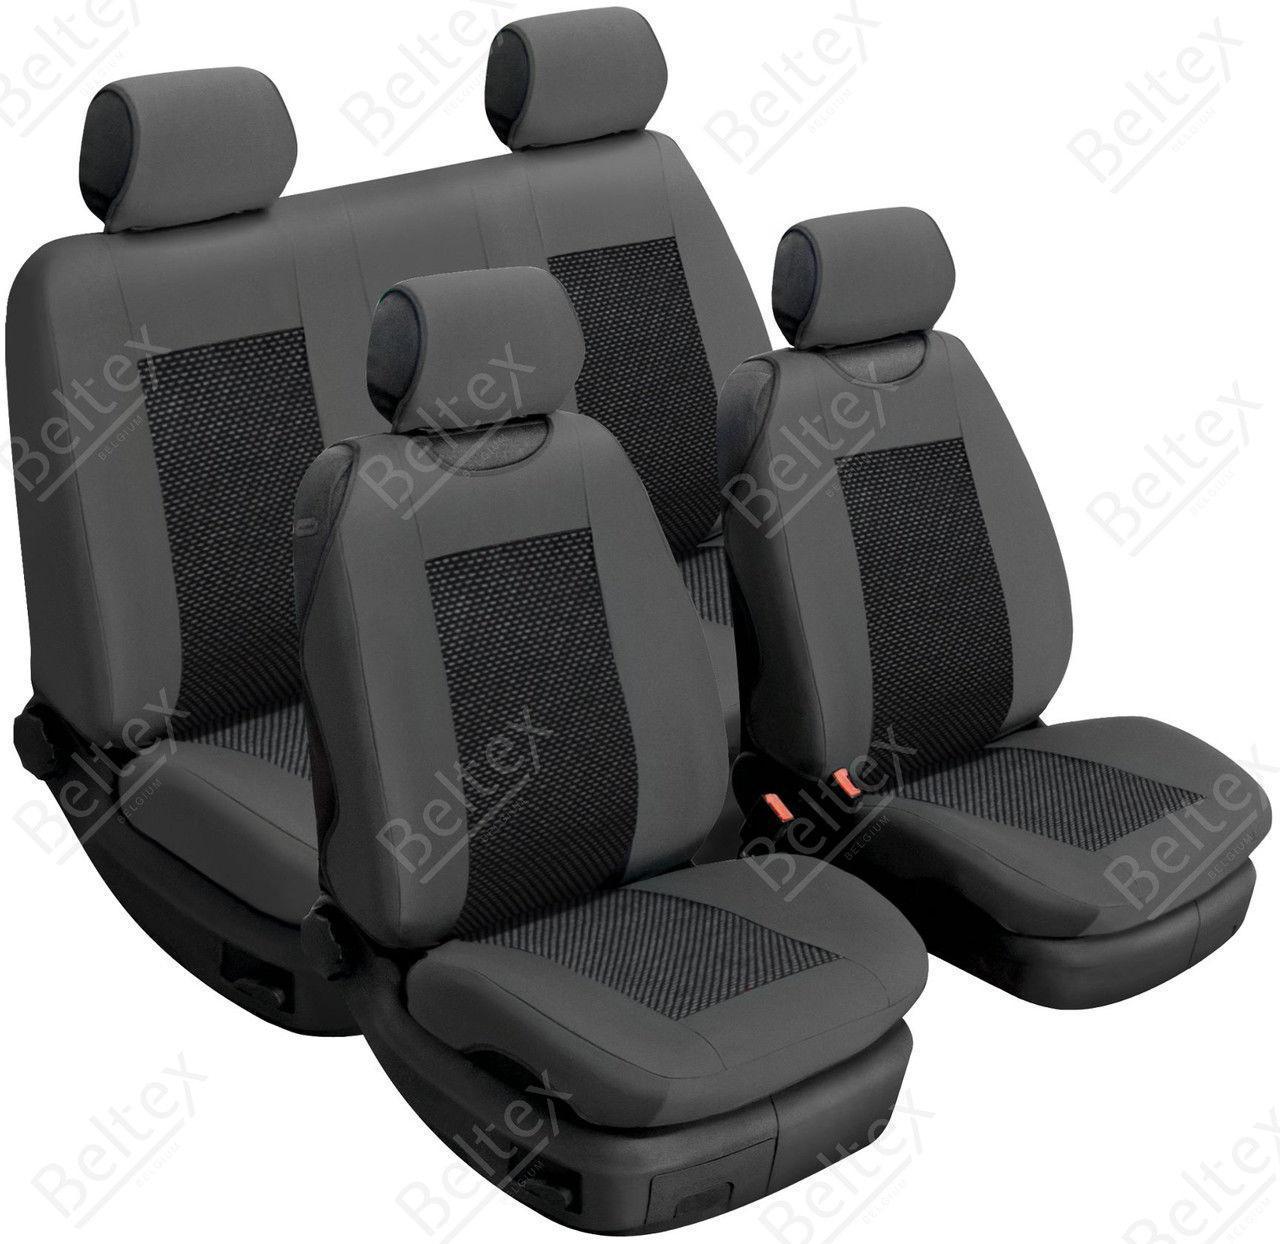 Майки/чехлы на сиденья Тойота Секвойя (Toyota Sequoia)